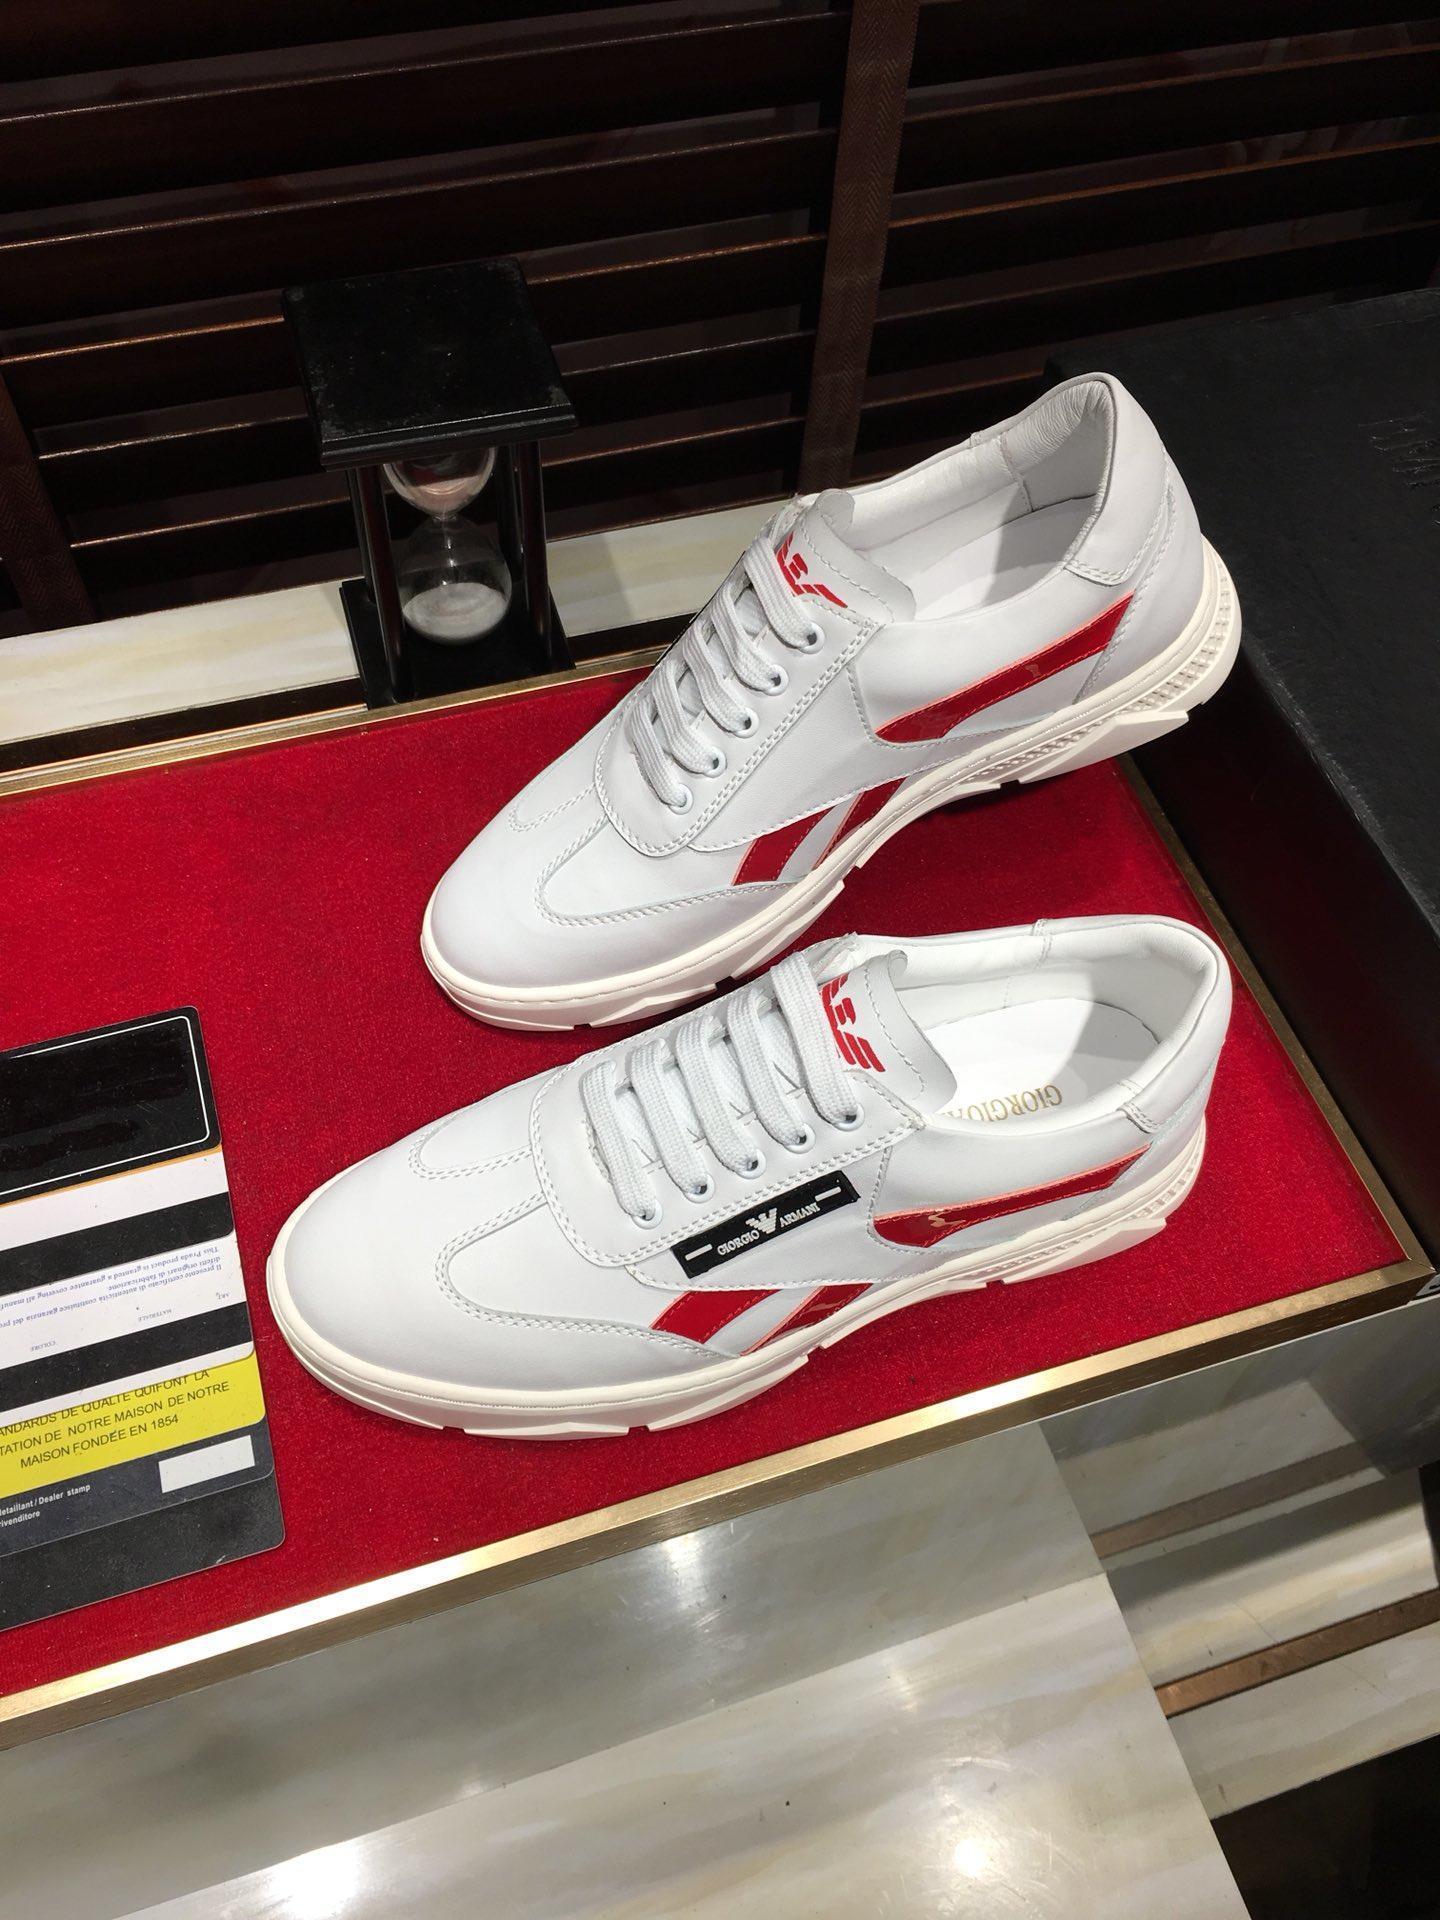 marque de marée 2020-2019i personnalisés chaussures de sport pour hommes en cuir, chaussures de sport sauvage de la mode, boîte à chaussures d'emballage d'origine, taille: 38-44